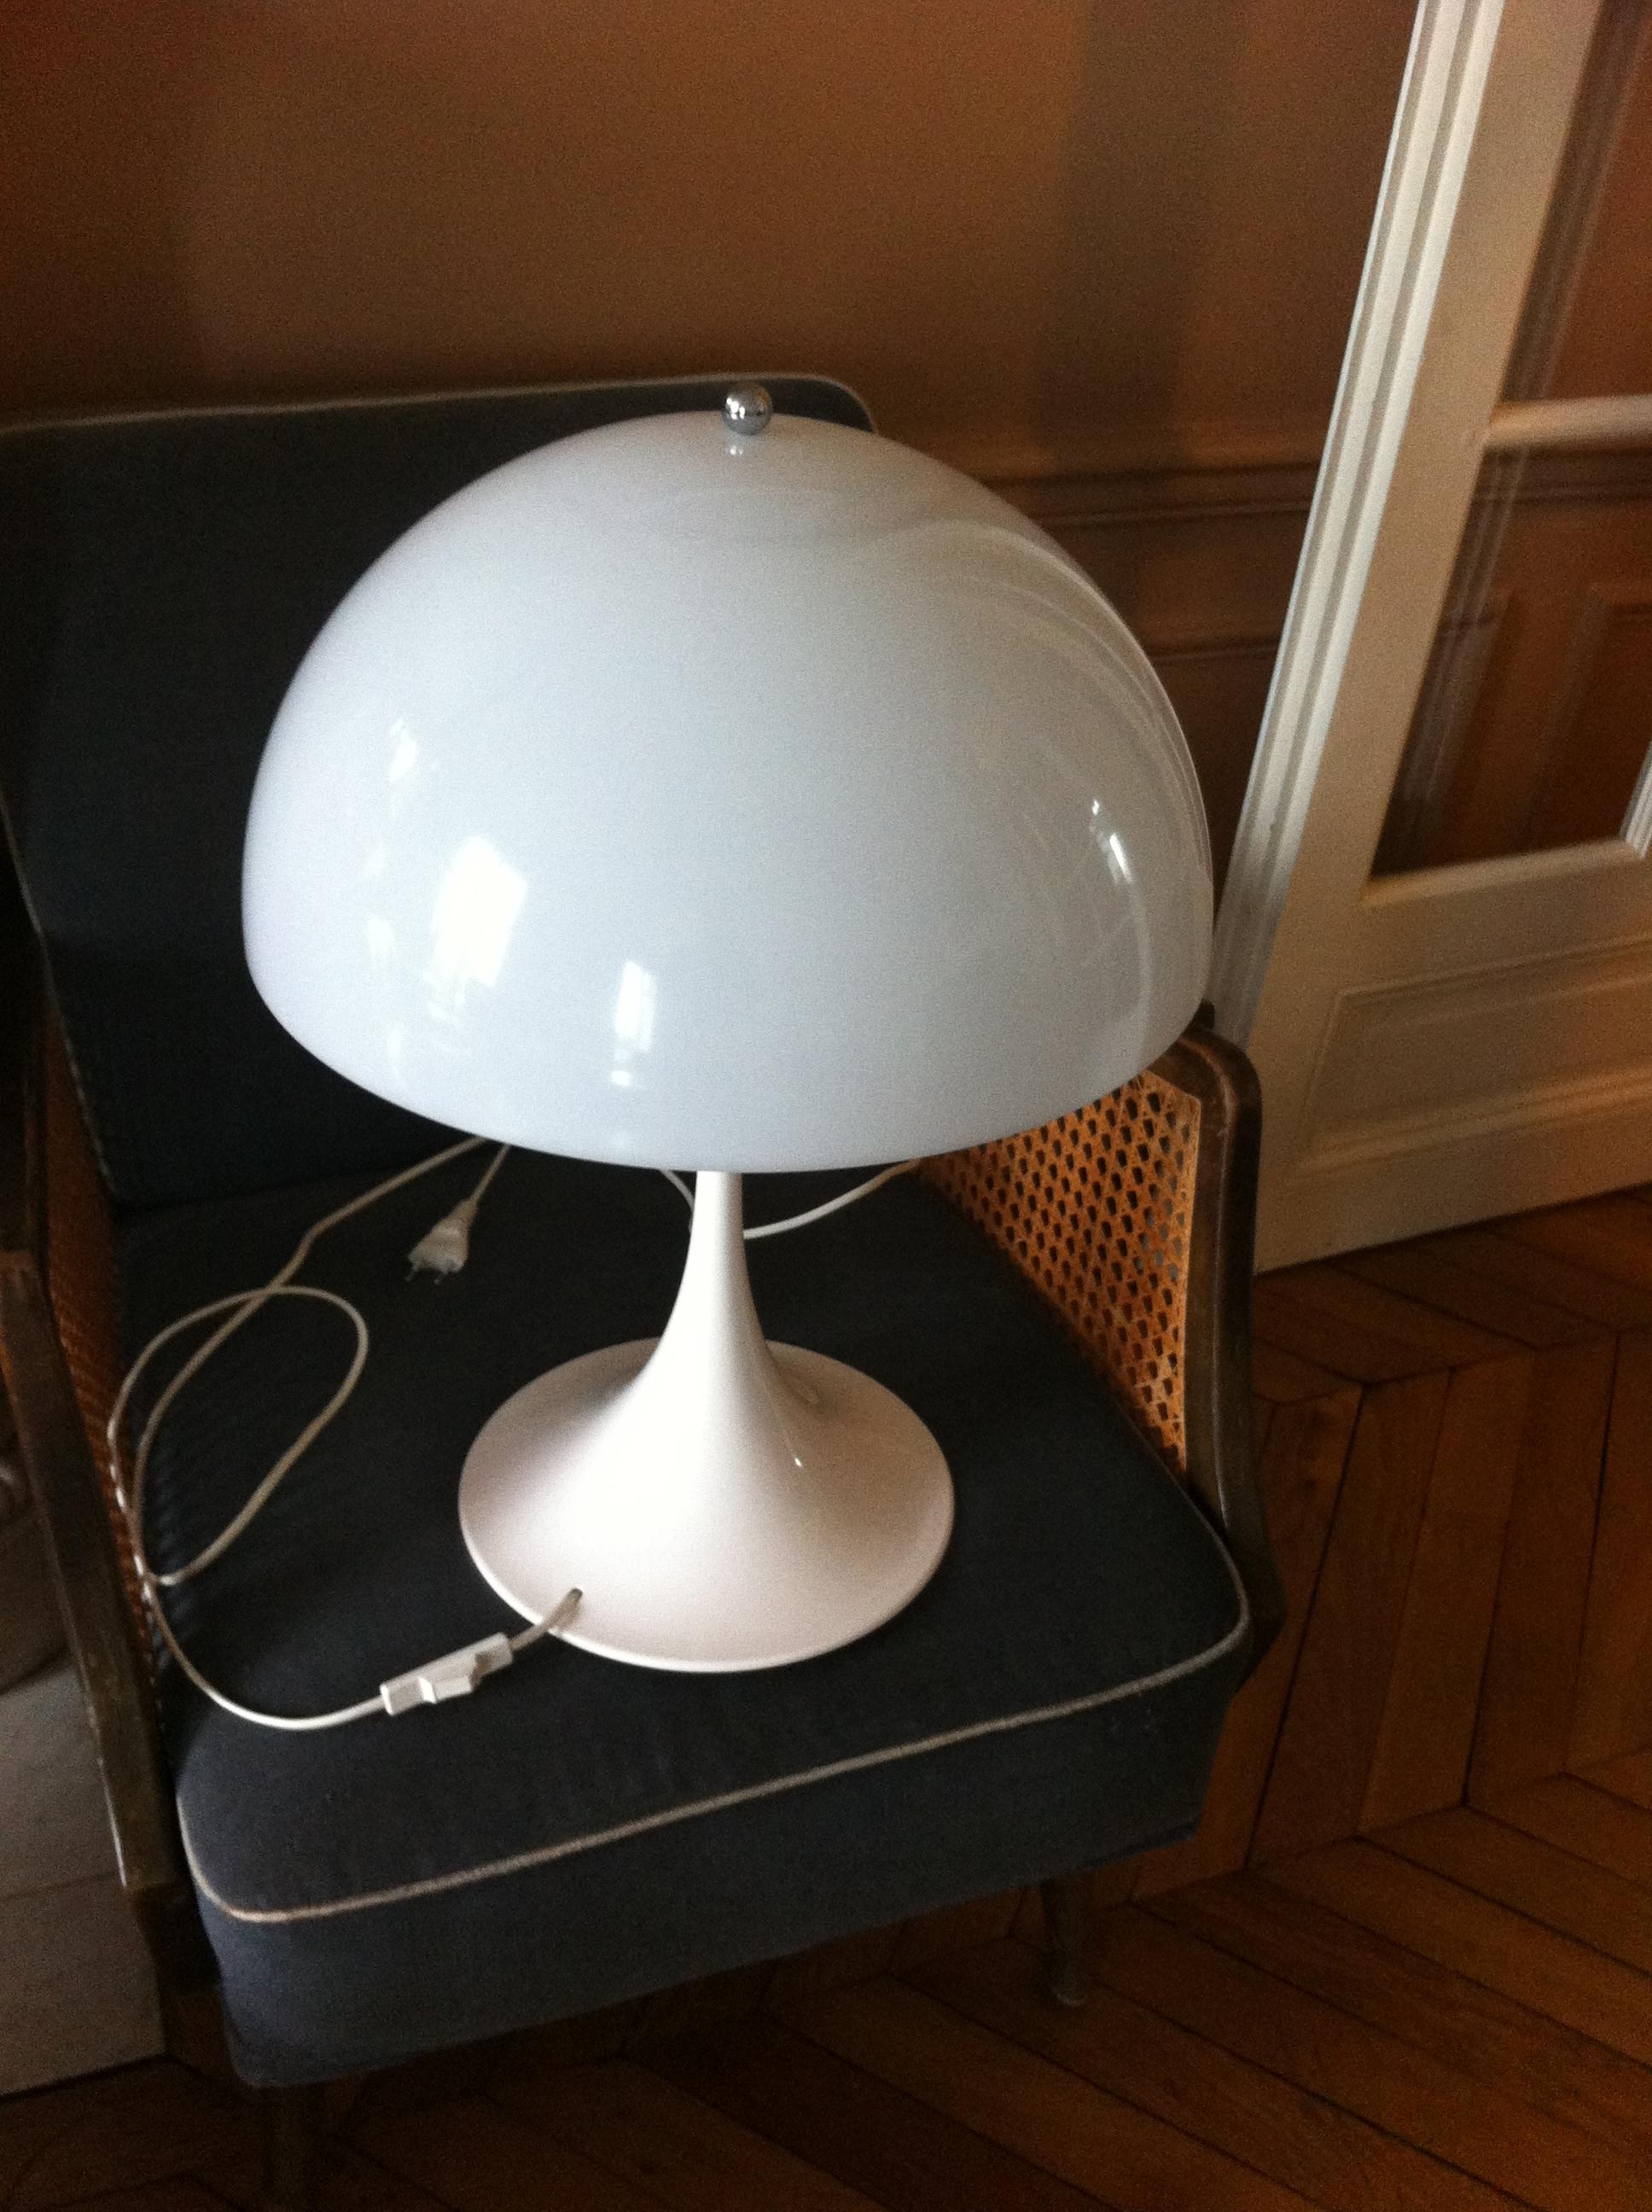 Lampe Panthella de Panton 1970   L&39;Atelier 50   Boutique vintage   achat et vente mobilier ...